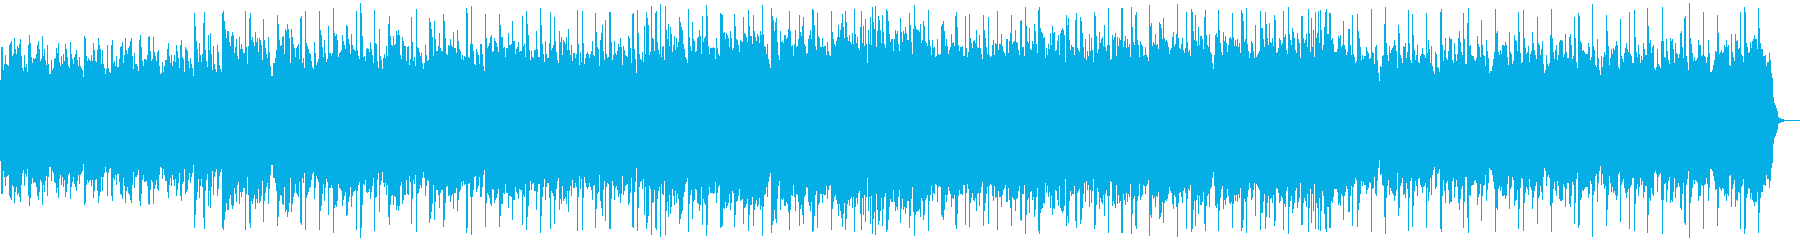 幻想的 神秘的な流れるピアノヒーリングbの再生済みの波形